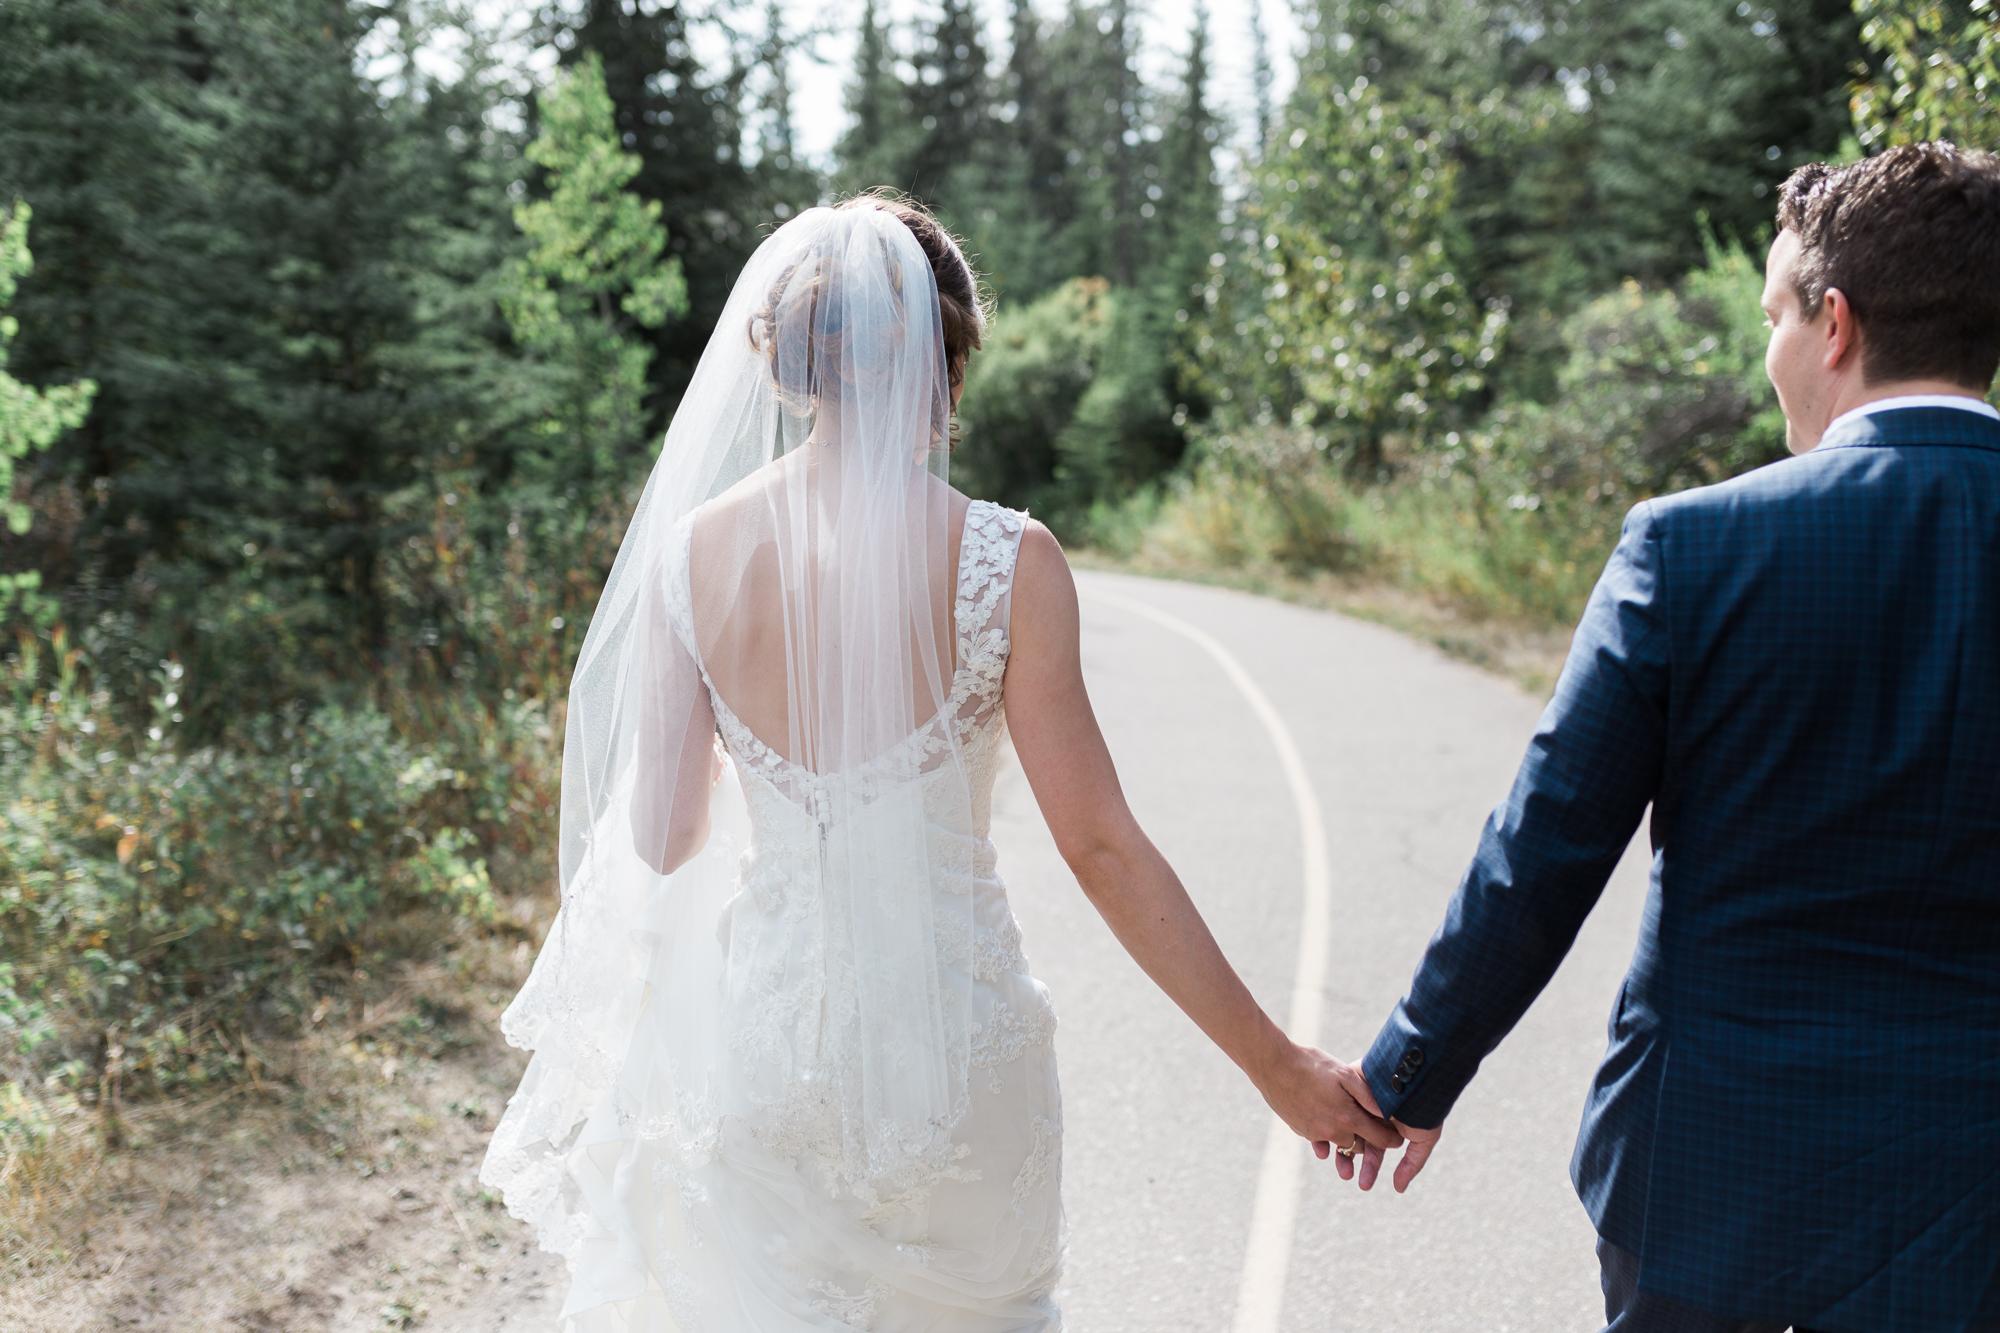 Deanna-Rachel-Photography-calgary-Wedding-photographer-jm-27.jpg